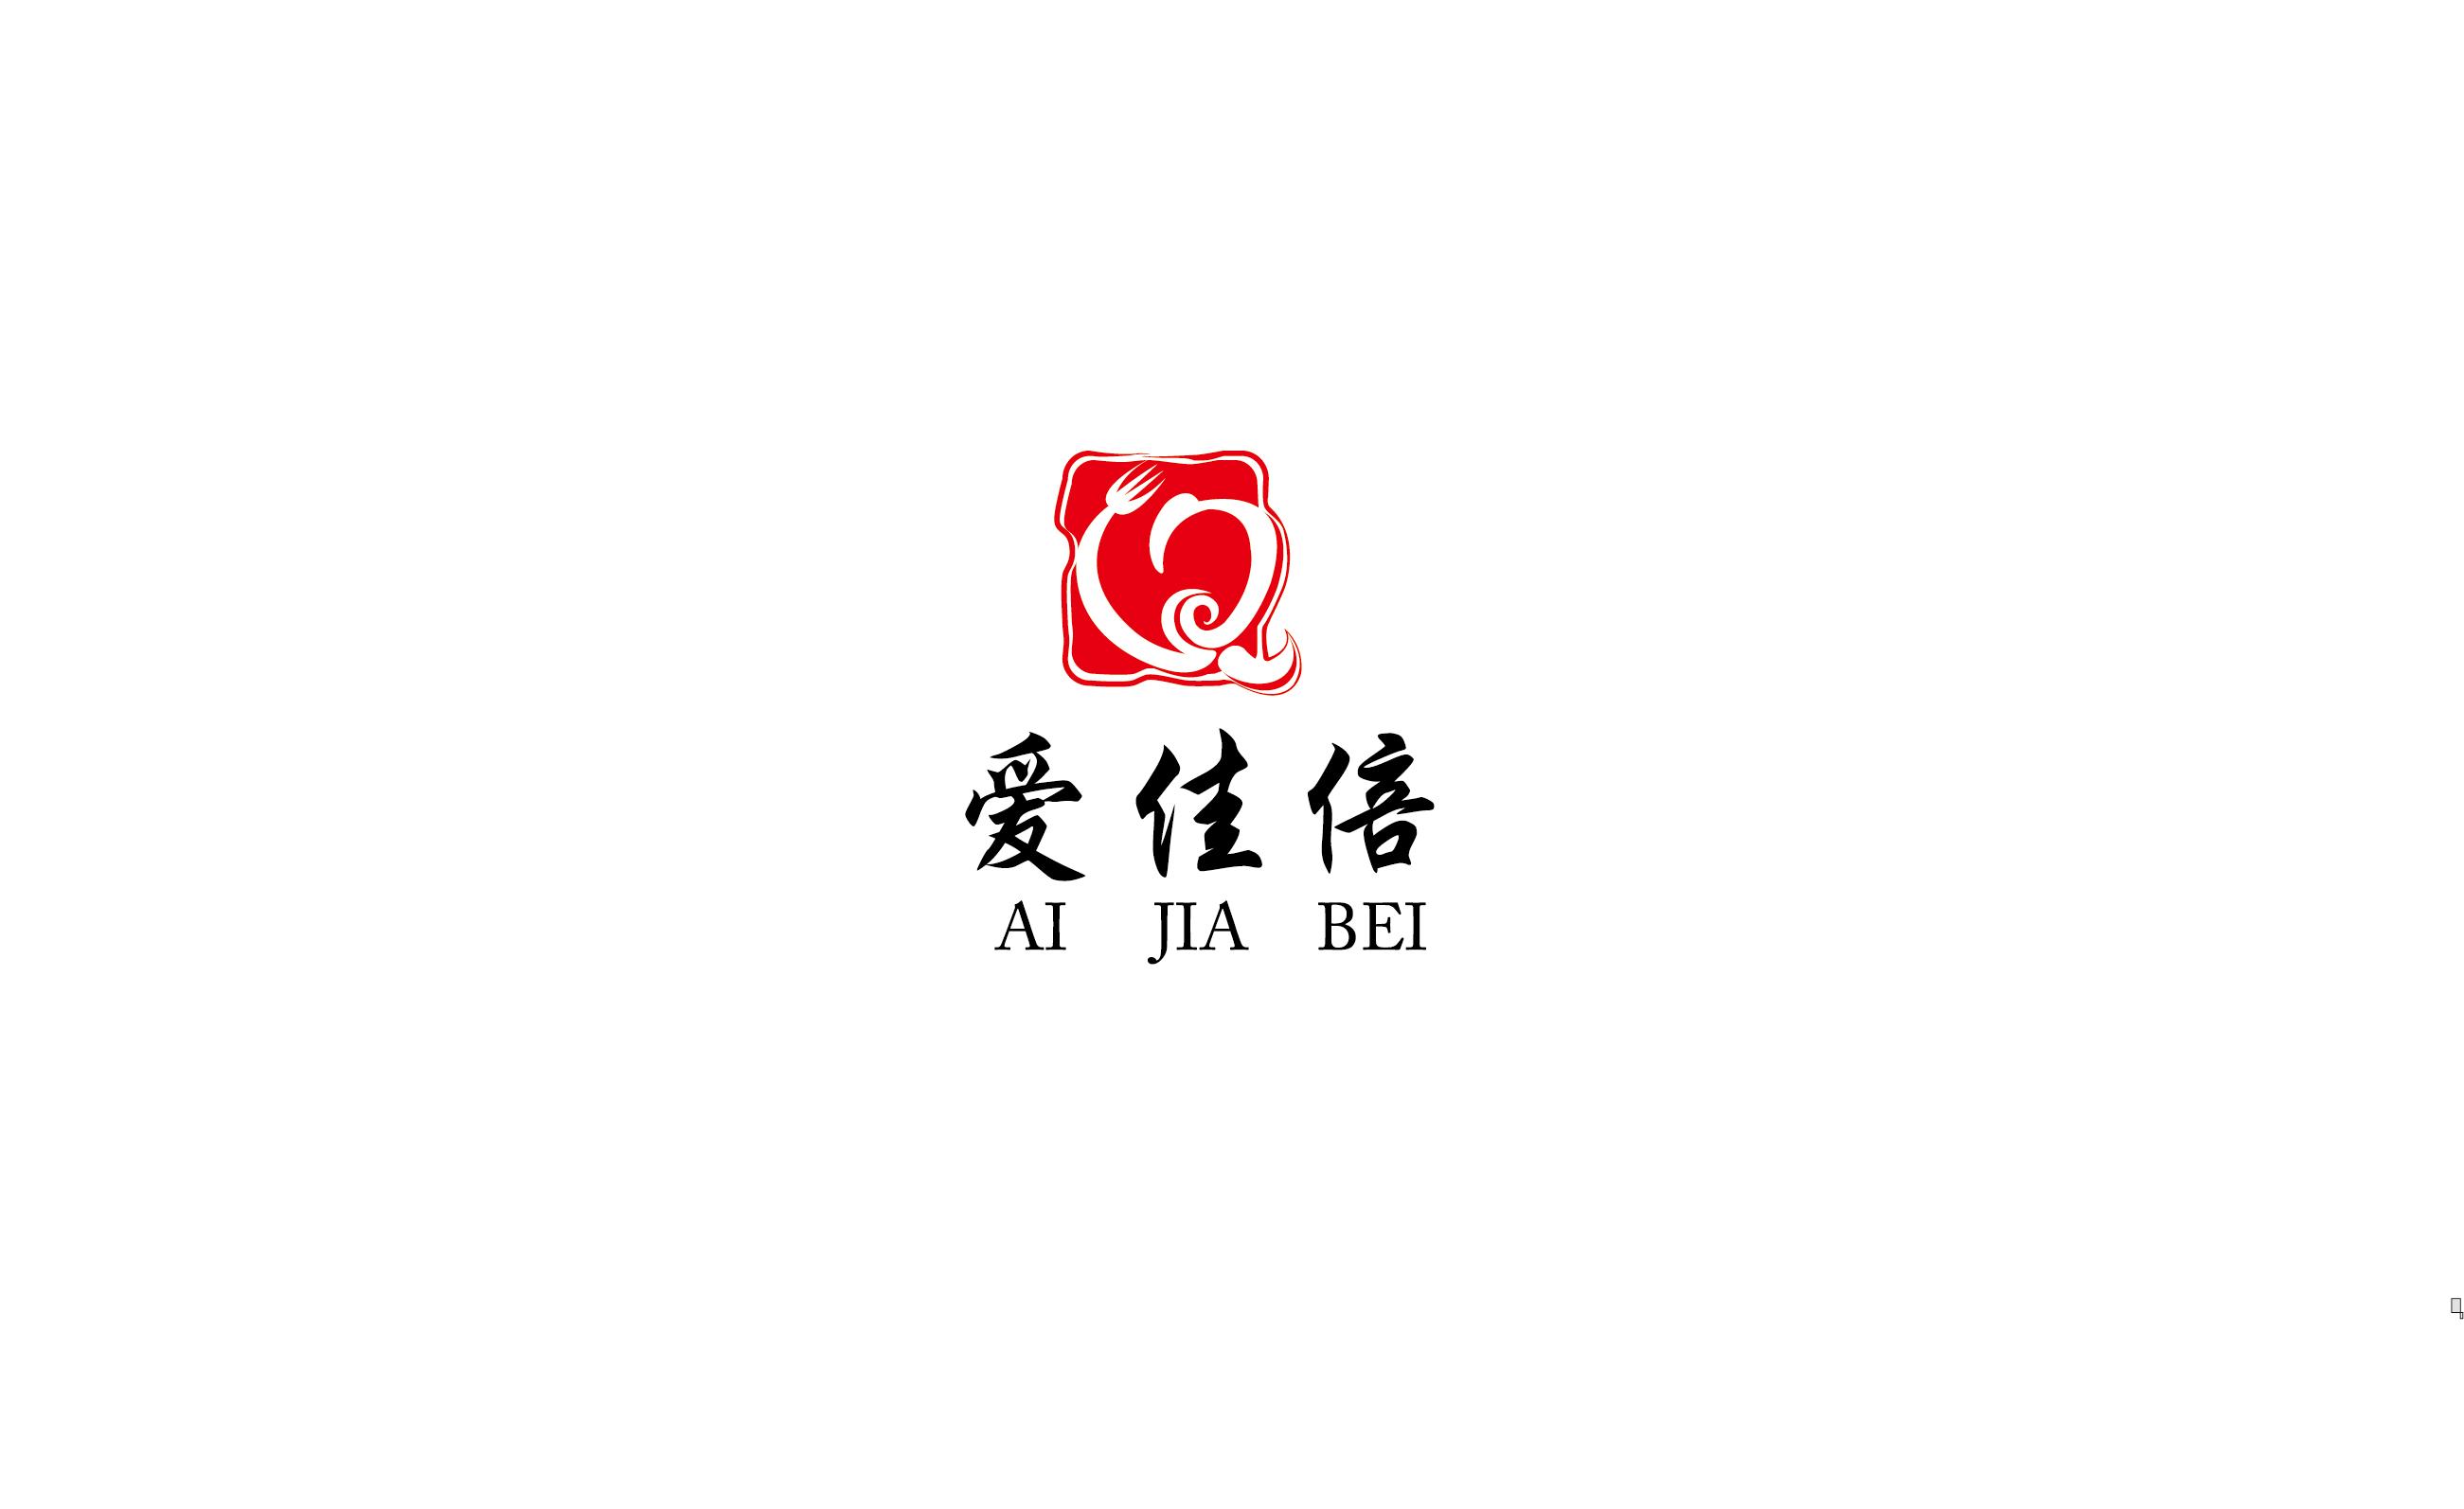 爱佳倍餐饮有限公司logo设计图片